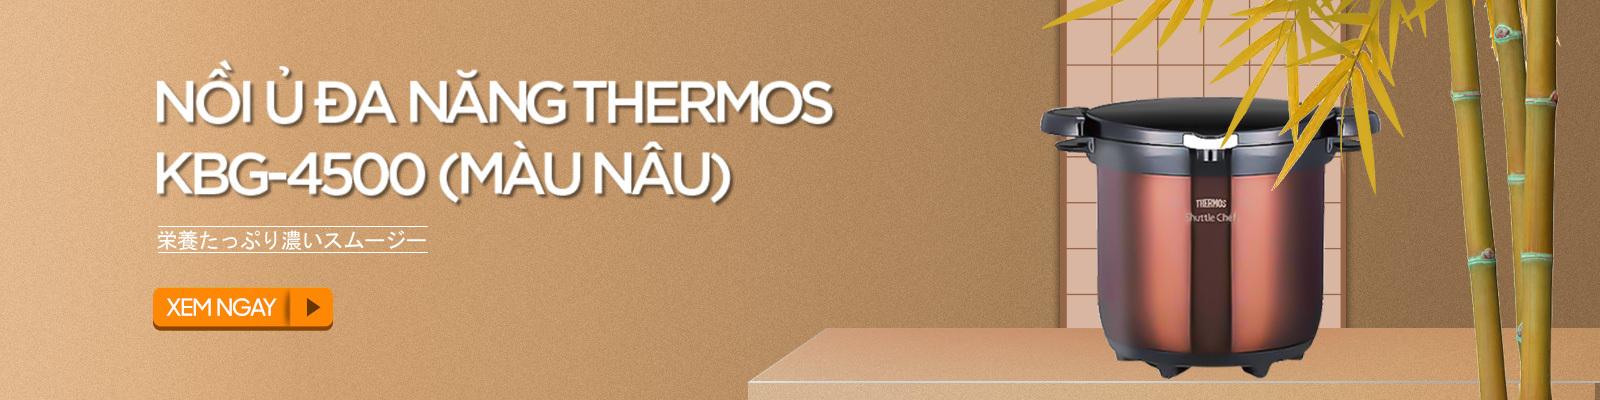 Nồi ủ đa năng Thermos KBG-4500